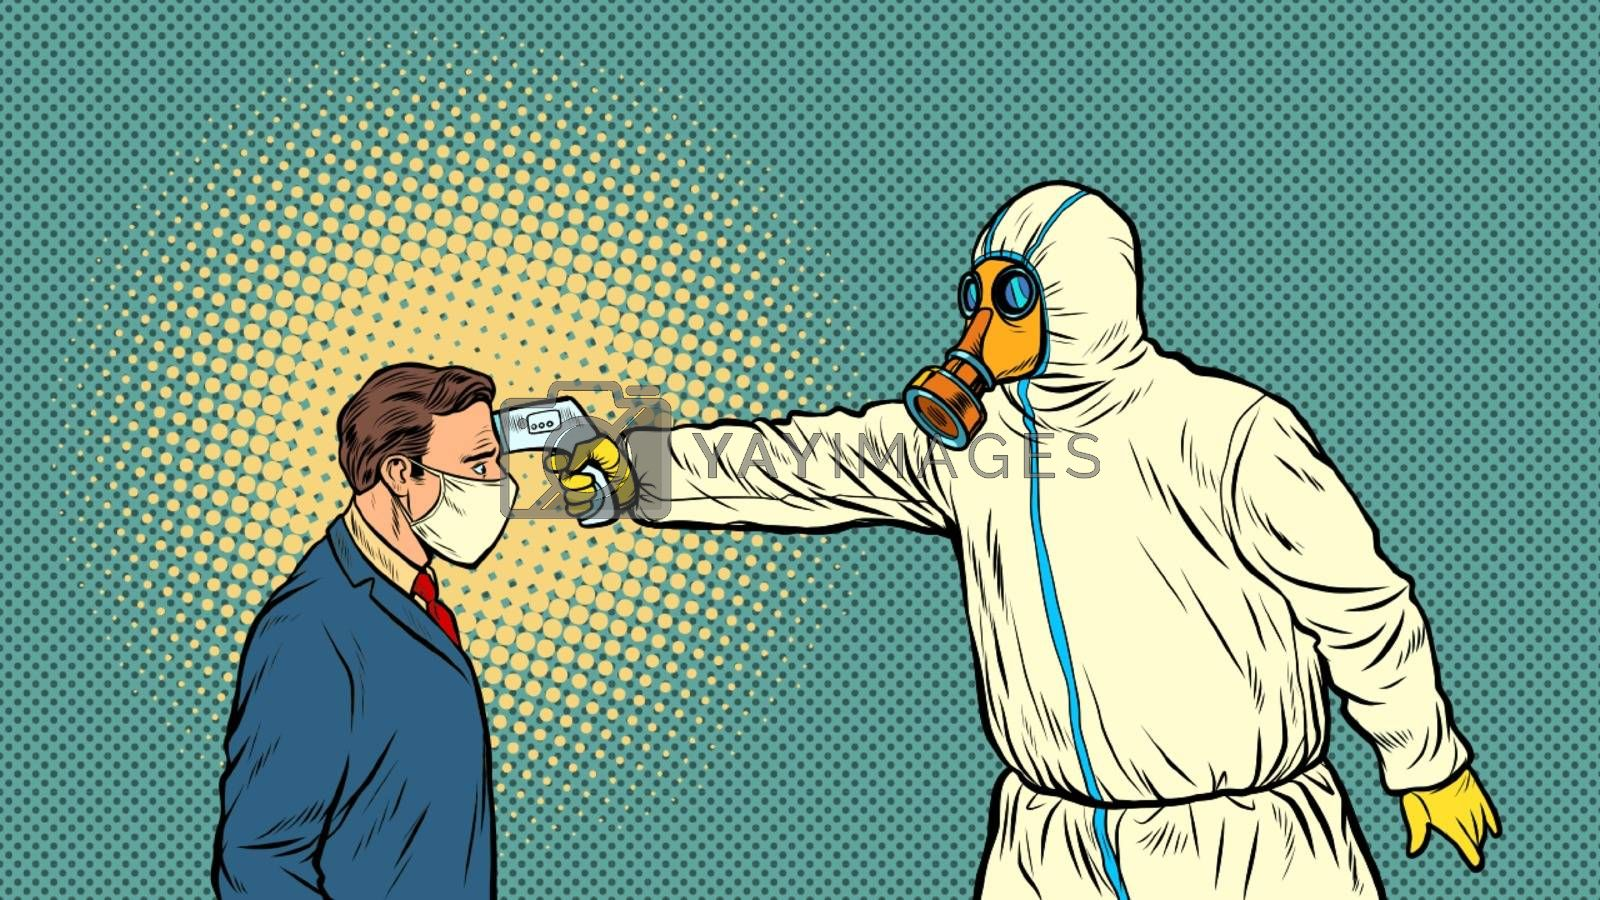 Quarantine at the border Novel Wuhan coronavirus 2019-nCoV epidemic outbreak. Pop art retro vector illustration 50s 60s style